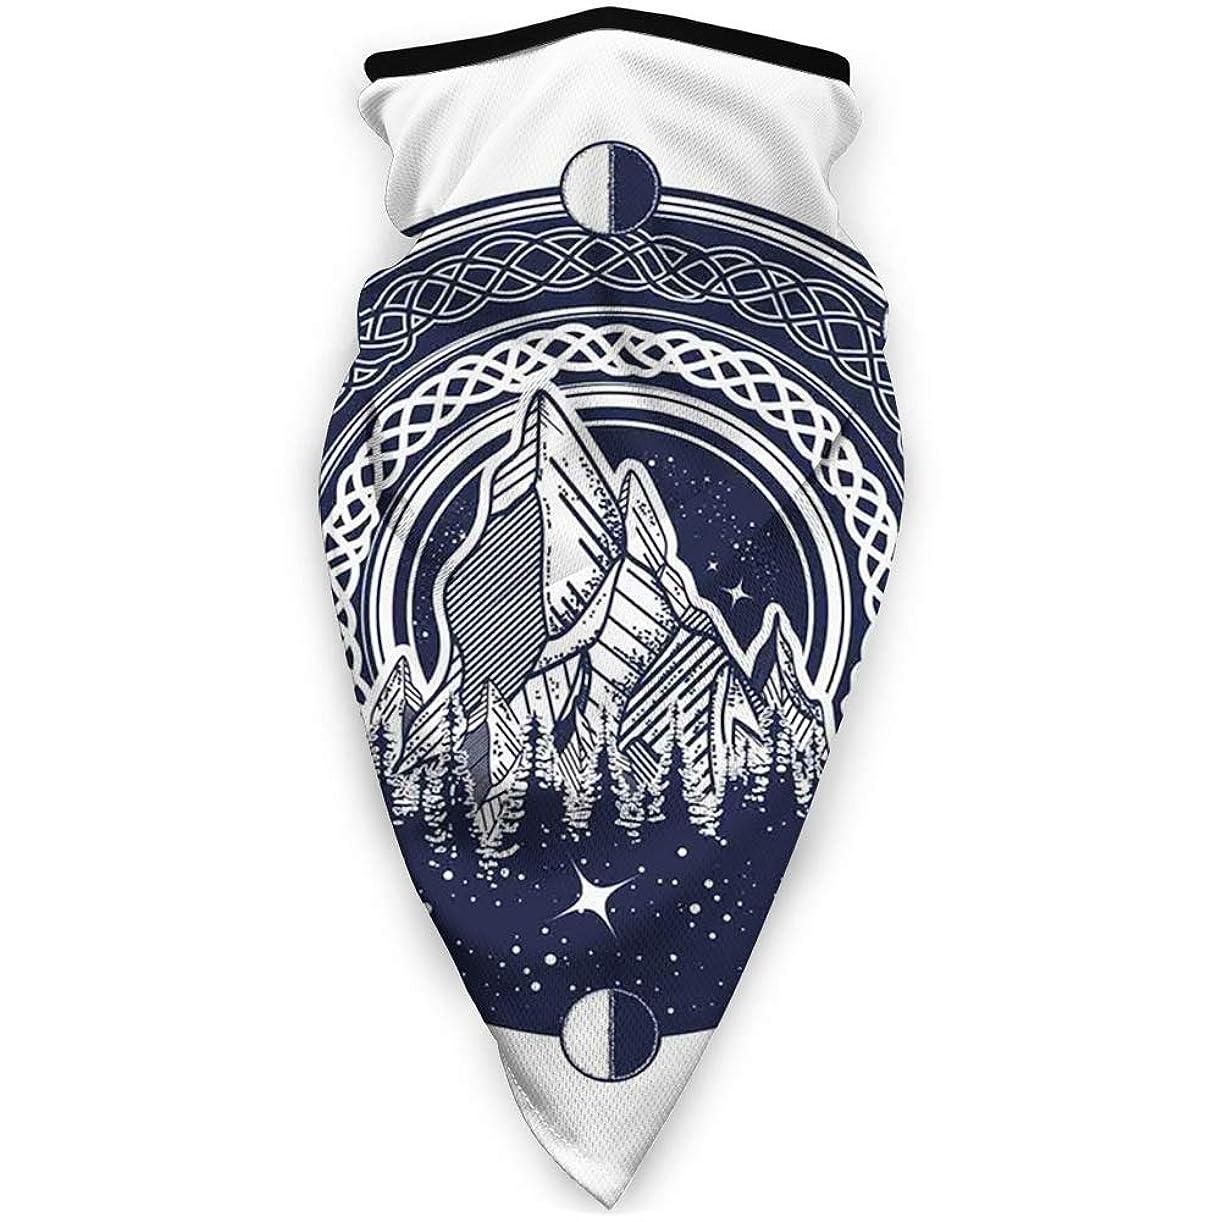 よりキャッチ実験Dustproof Washable Reusable Mouth Cover,Mountains Celtic Style Great Outdoors Symbol of Adventure and Camping,Protective Safety Warm Windproof Mask for Men Women